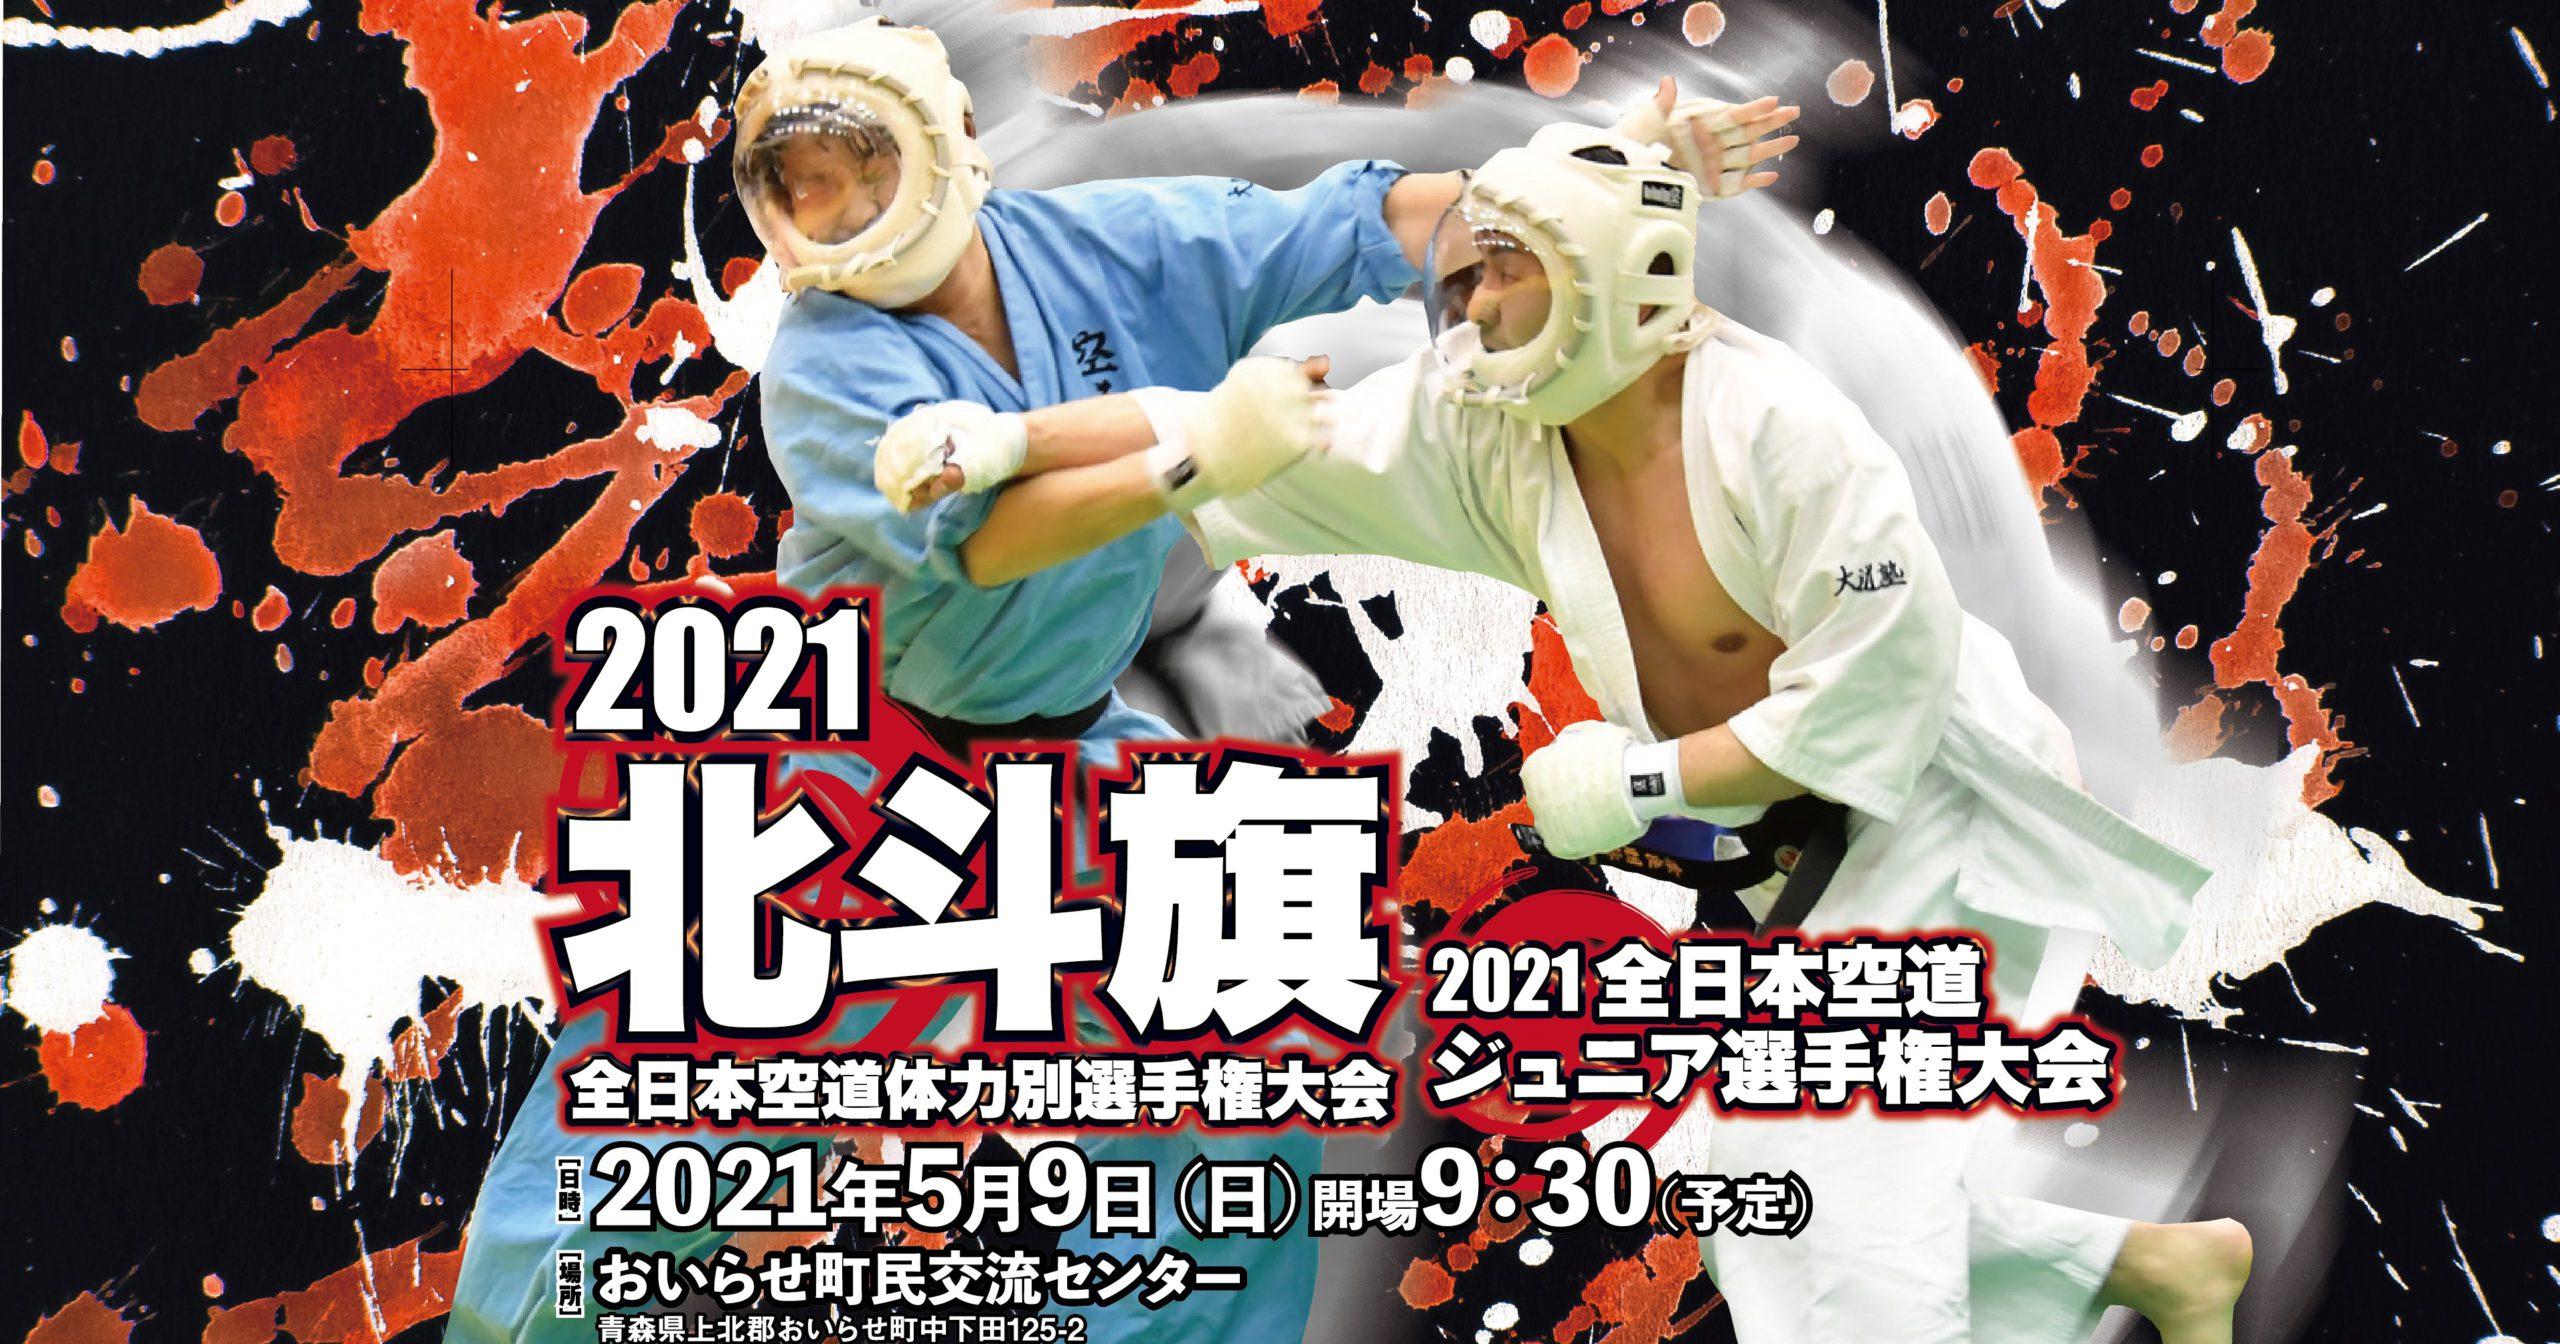 2021北斗旗 全日本空道体力別選手権大会